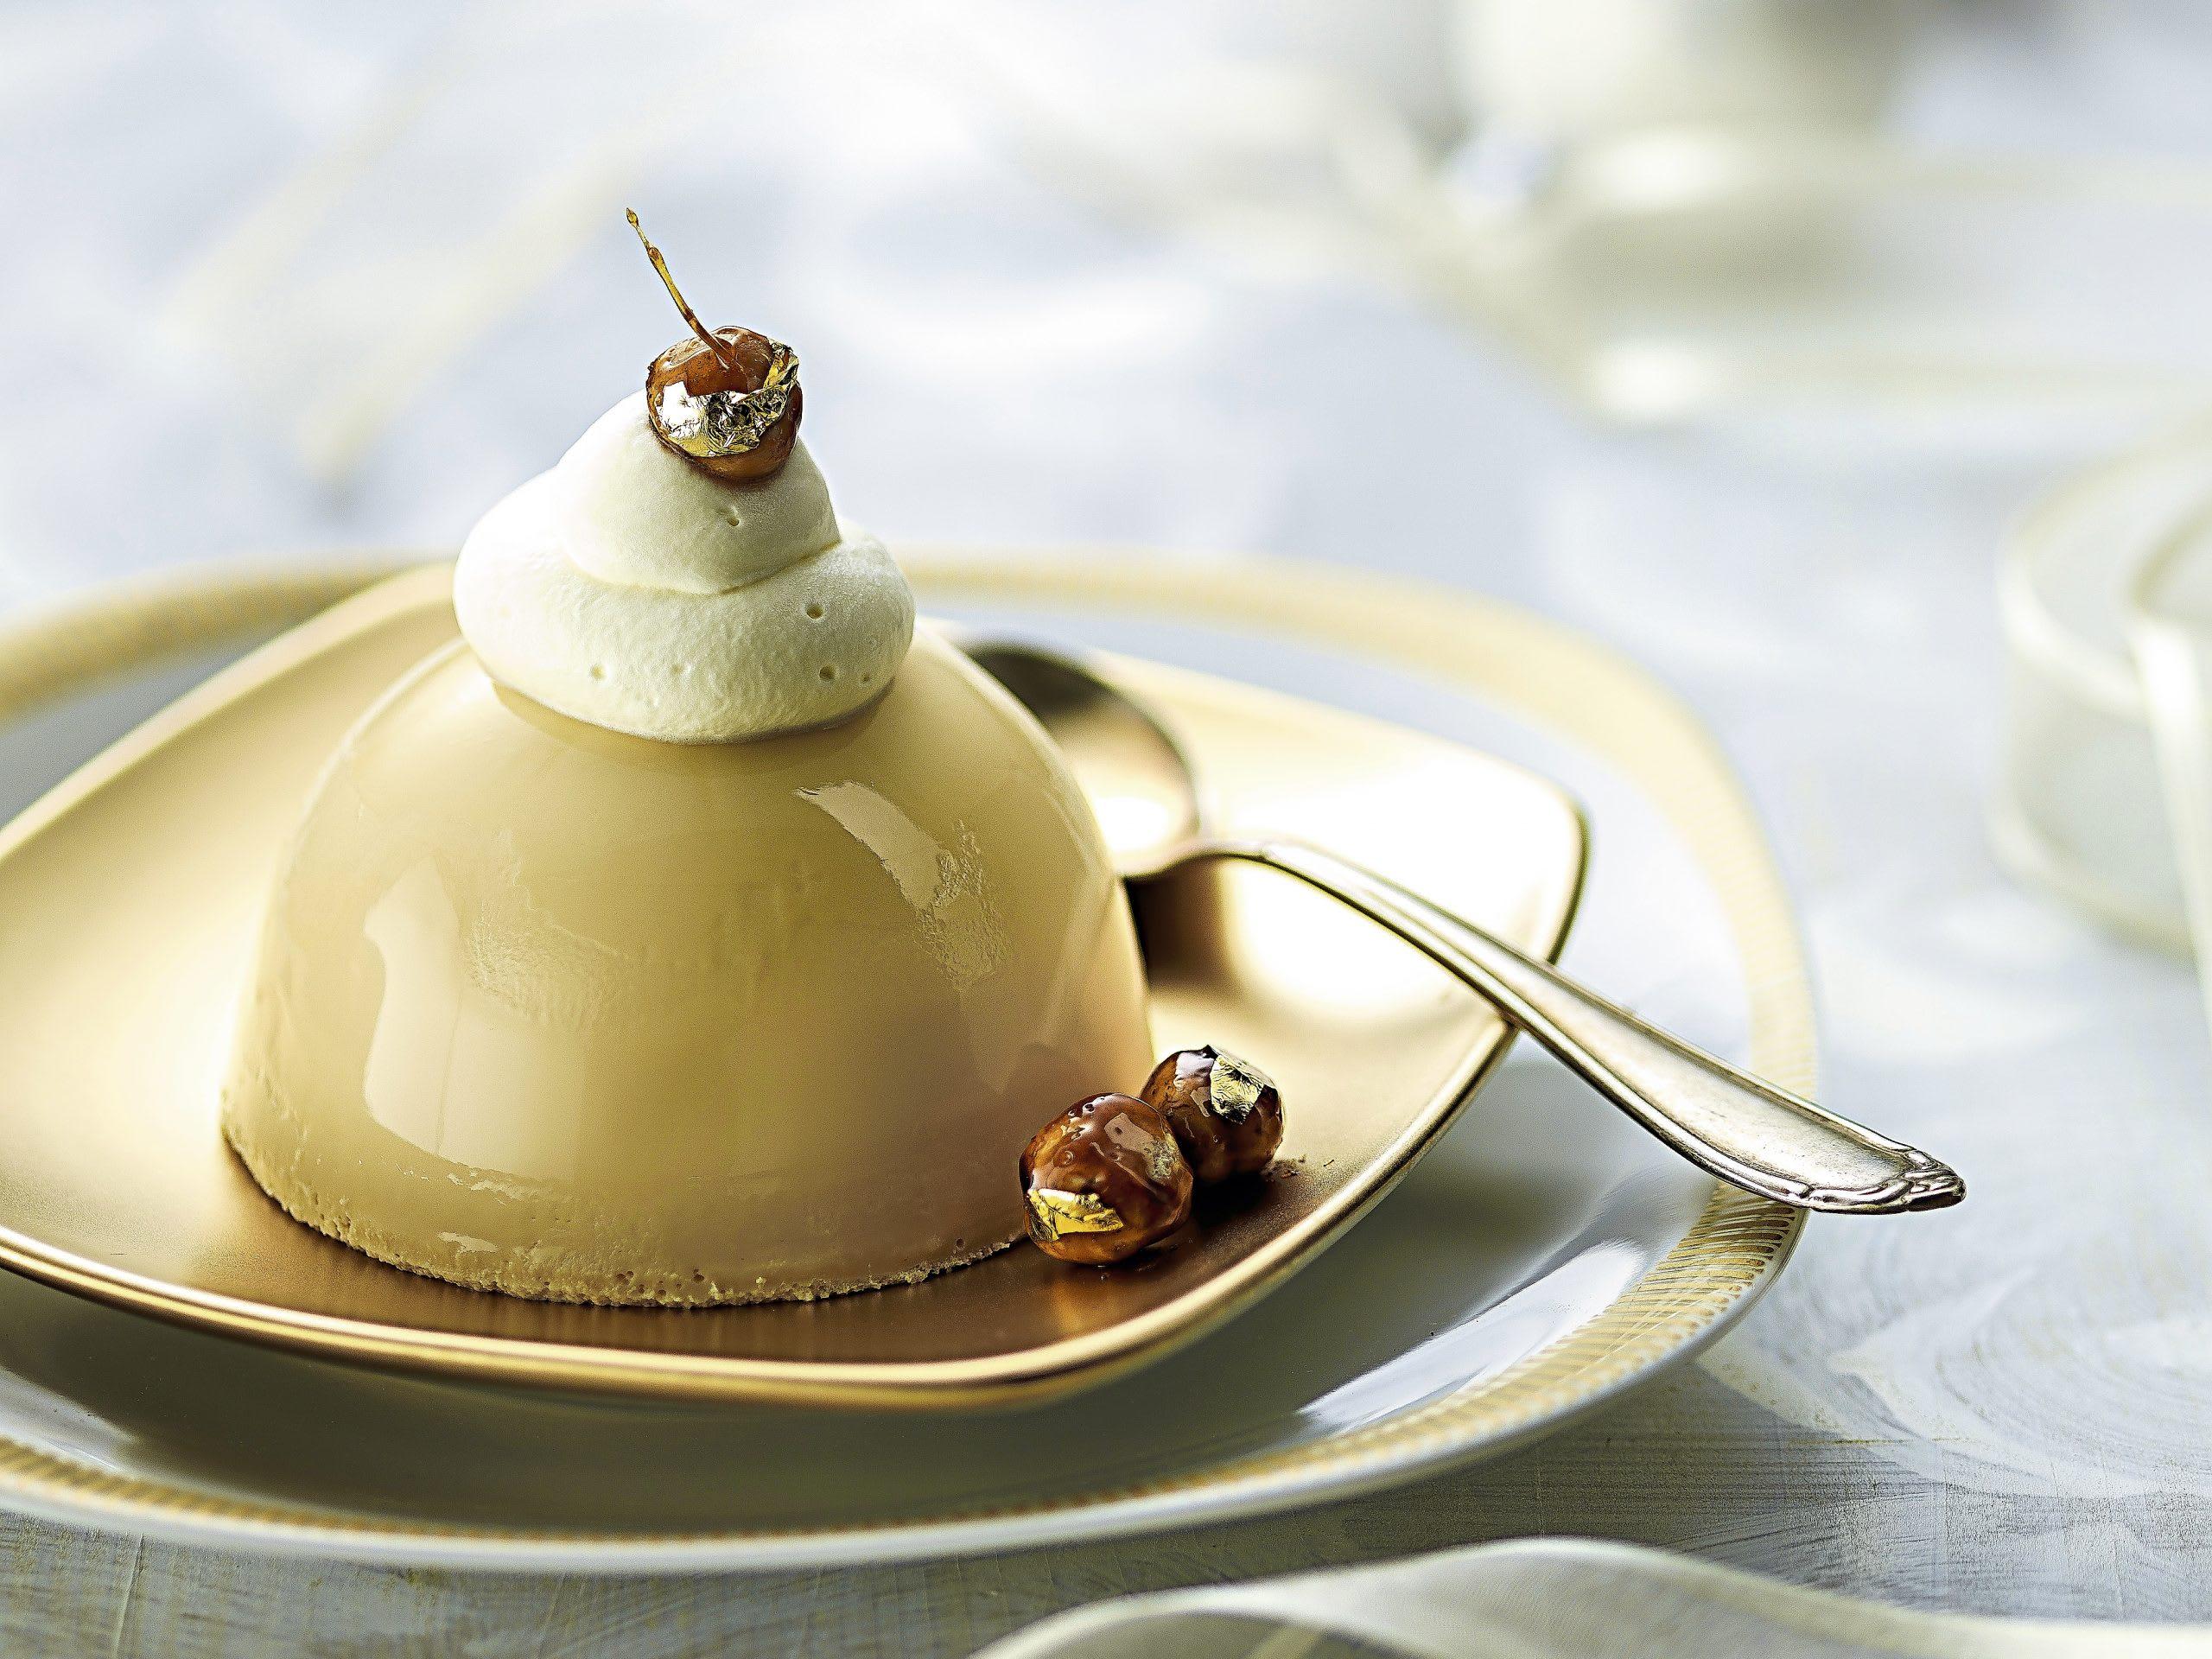 Panna cotta au caramel et noisettes dorées